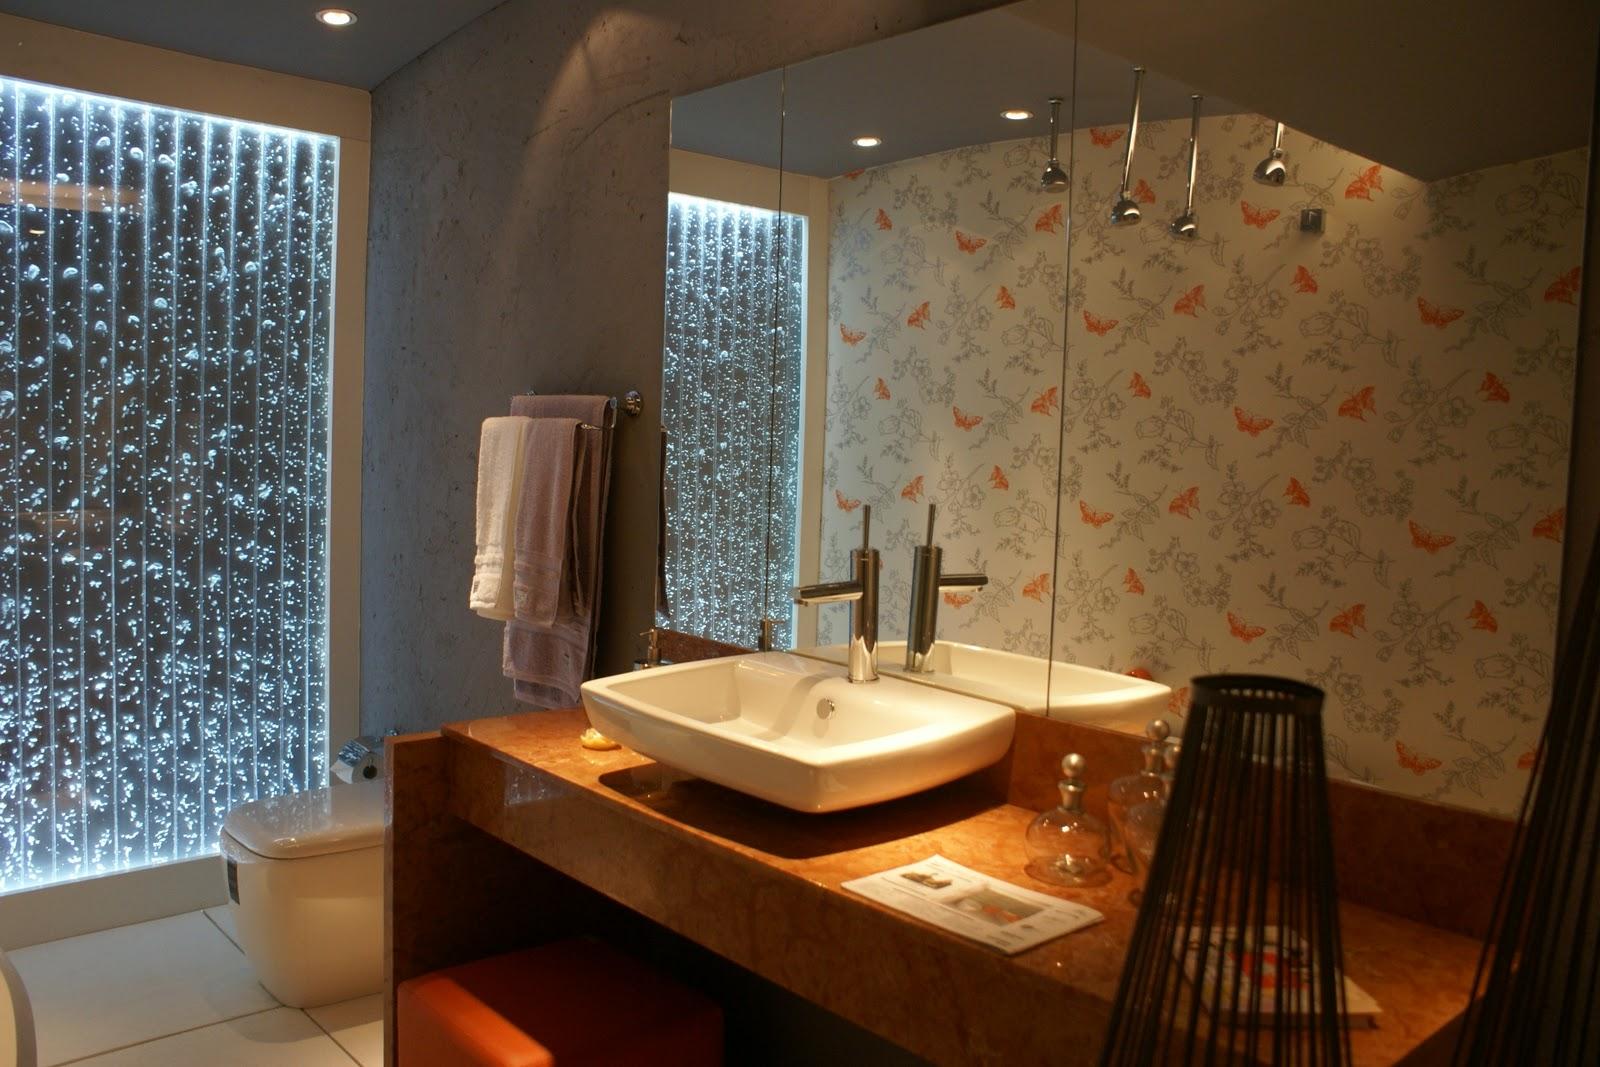 Ederson Amorim Acabamentos e Design: Lindo Banheiro com metais Meber. #A57526 1600x1067 Acabamentos Banheiro Deca